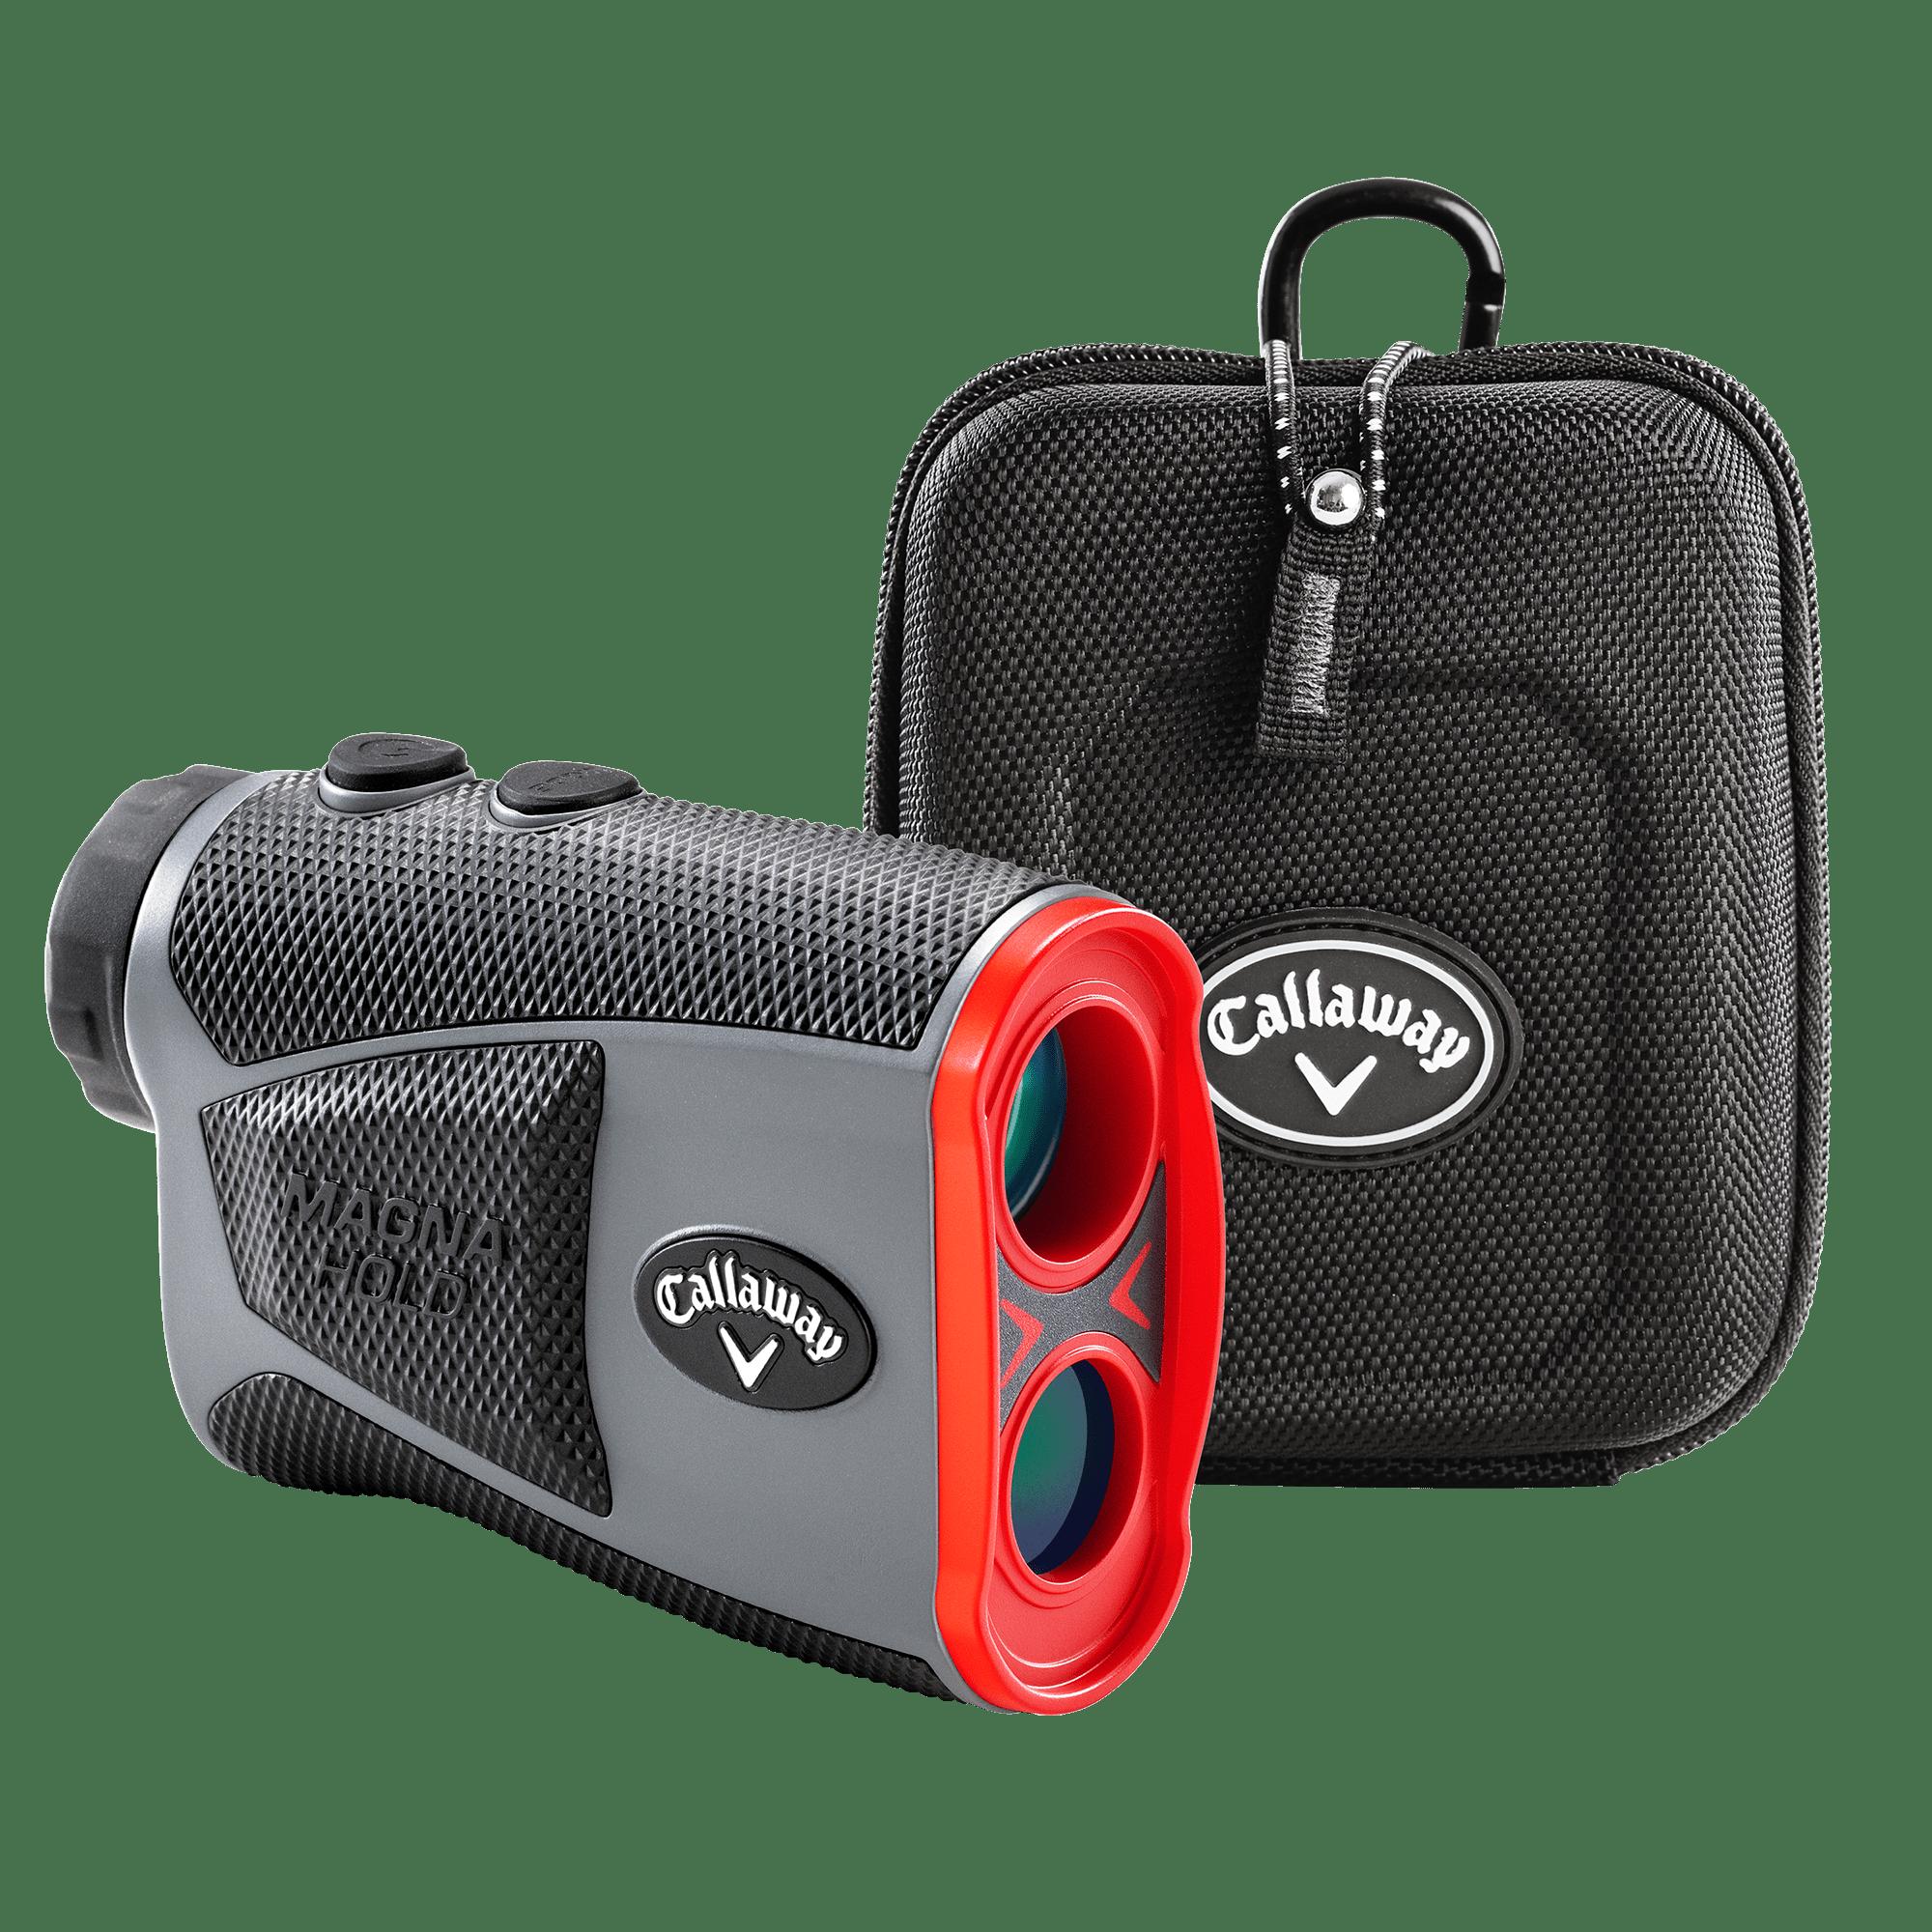 300 Pro Laser Rangefinder - View 2